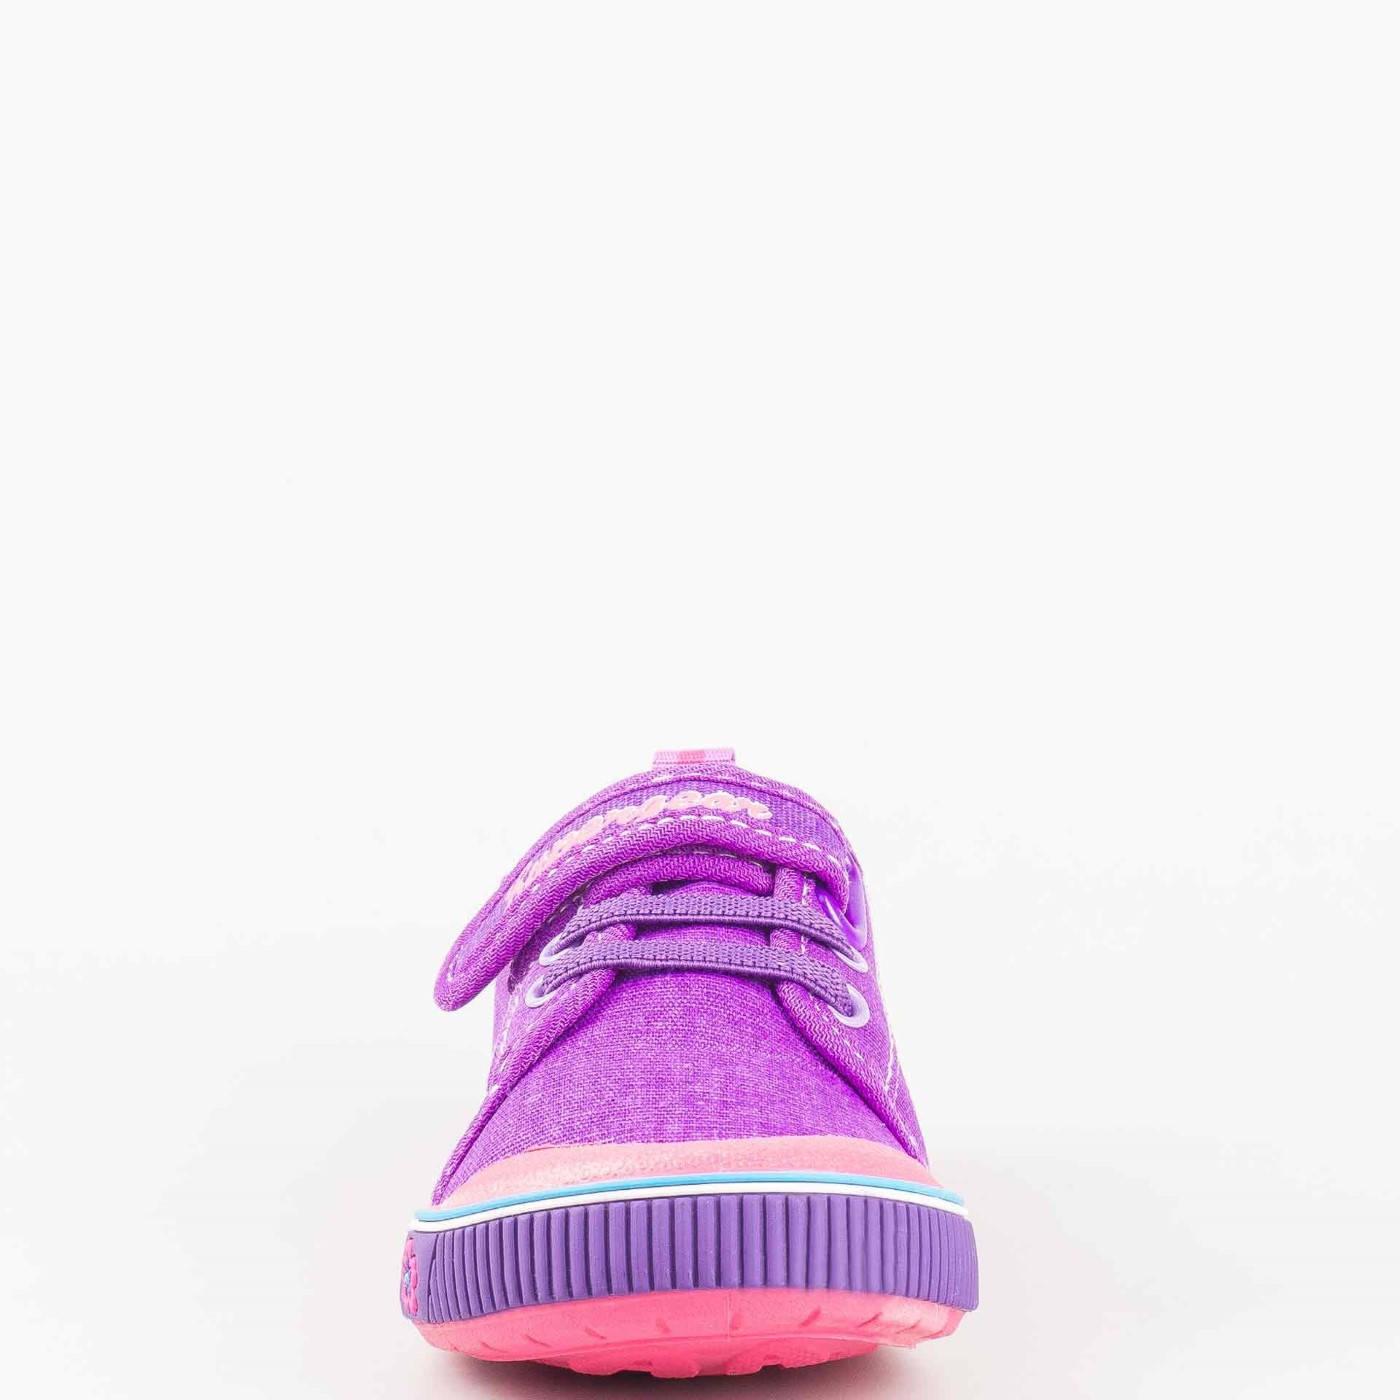 7cc3a917755 Детски ежедневни кецове с връзки и удобна лепка Athletic в лилав цвят  9468-30l